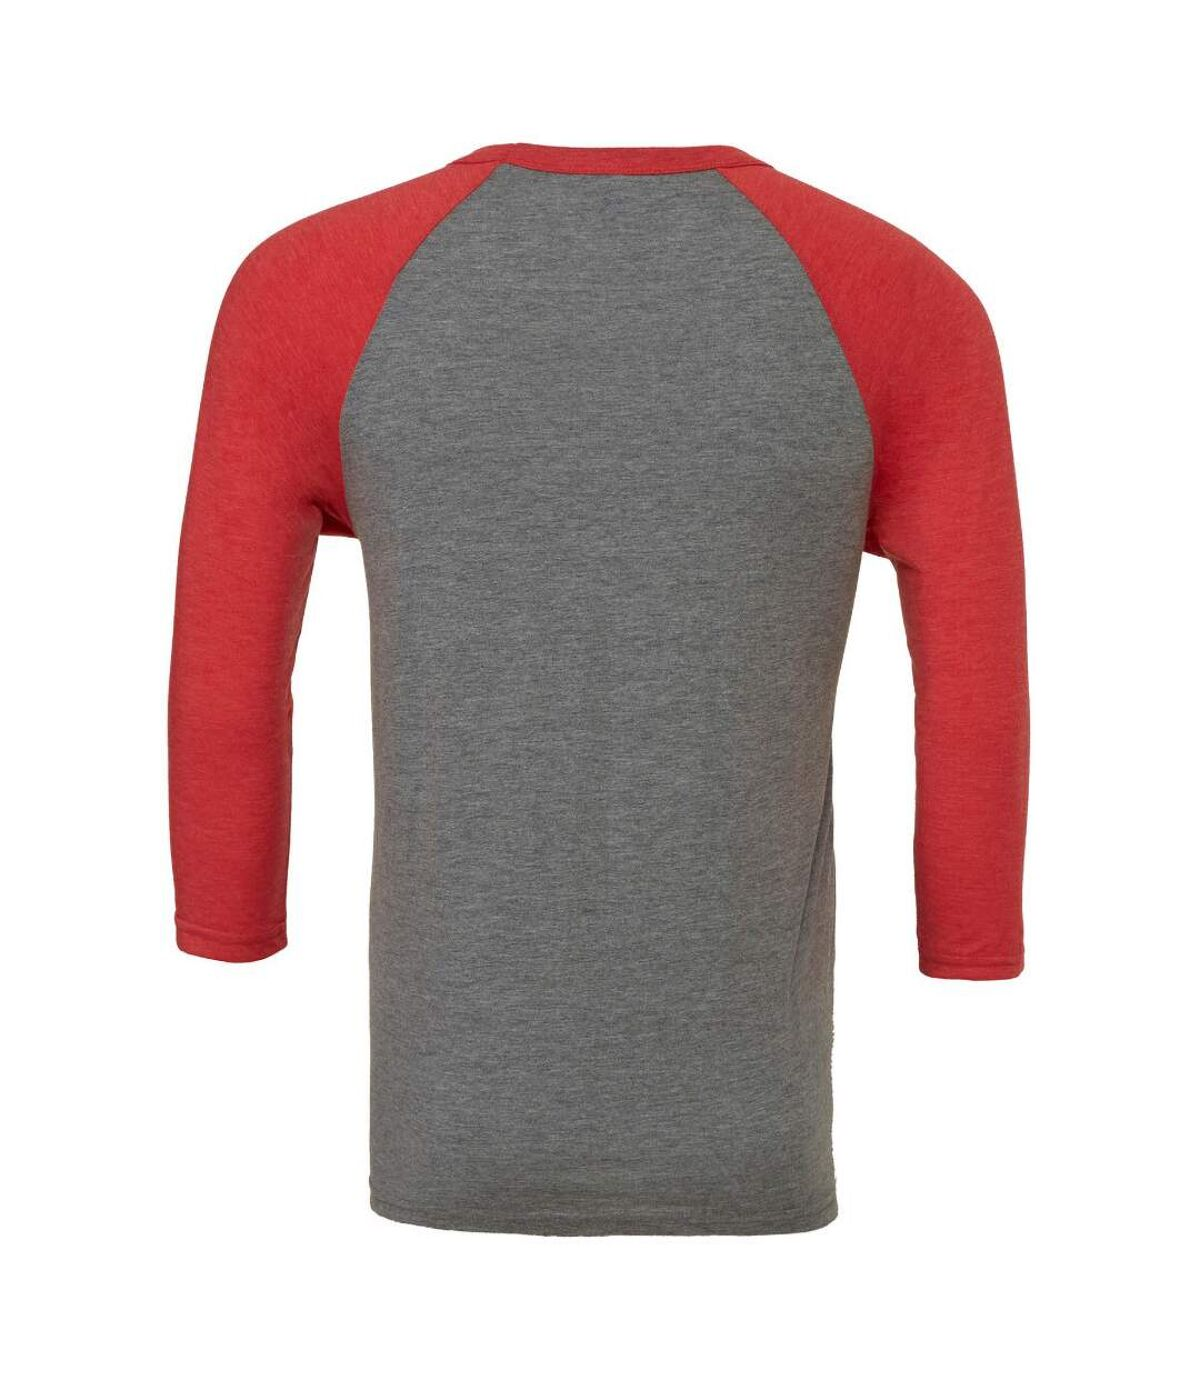 Canvas Mens 3/4 Sleeve Baseball T-Shirt (White/Asphalt) - UTBC1332